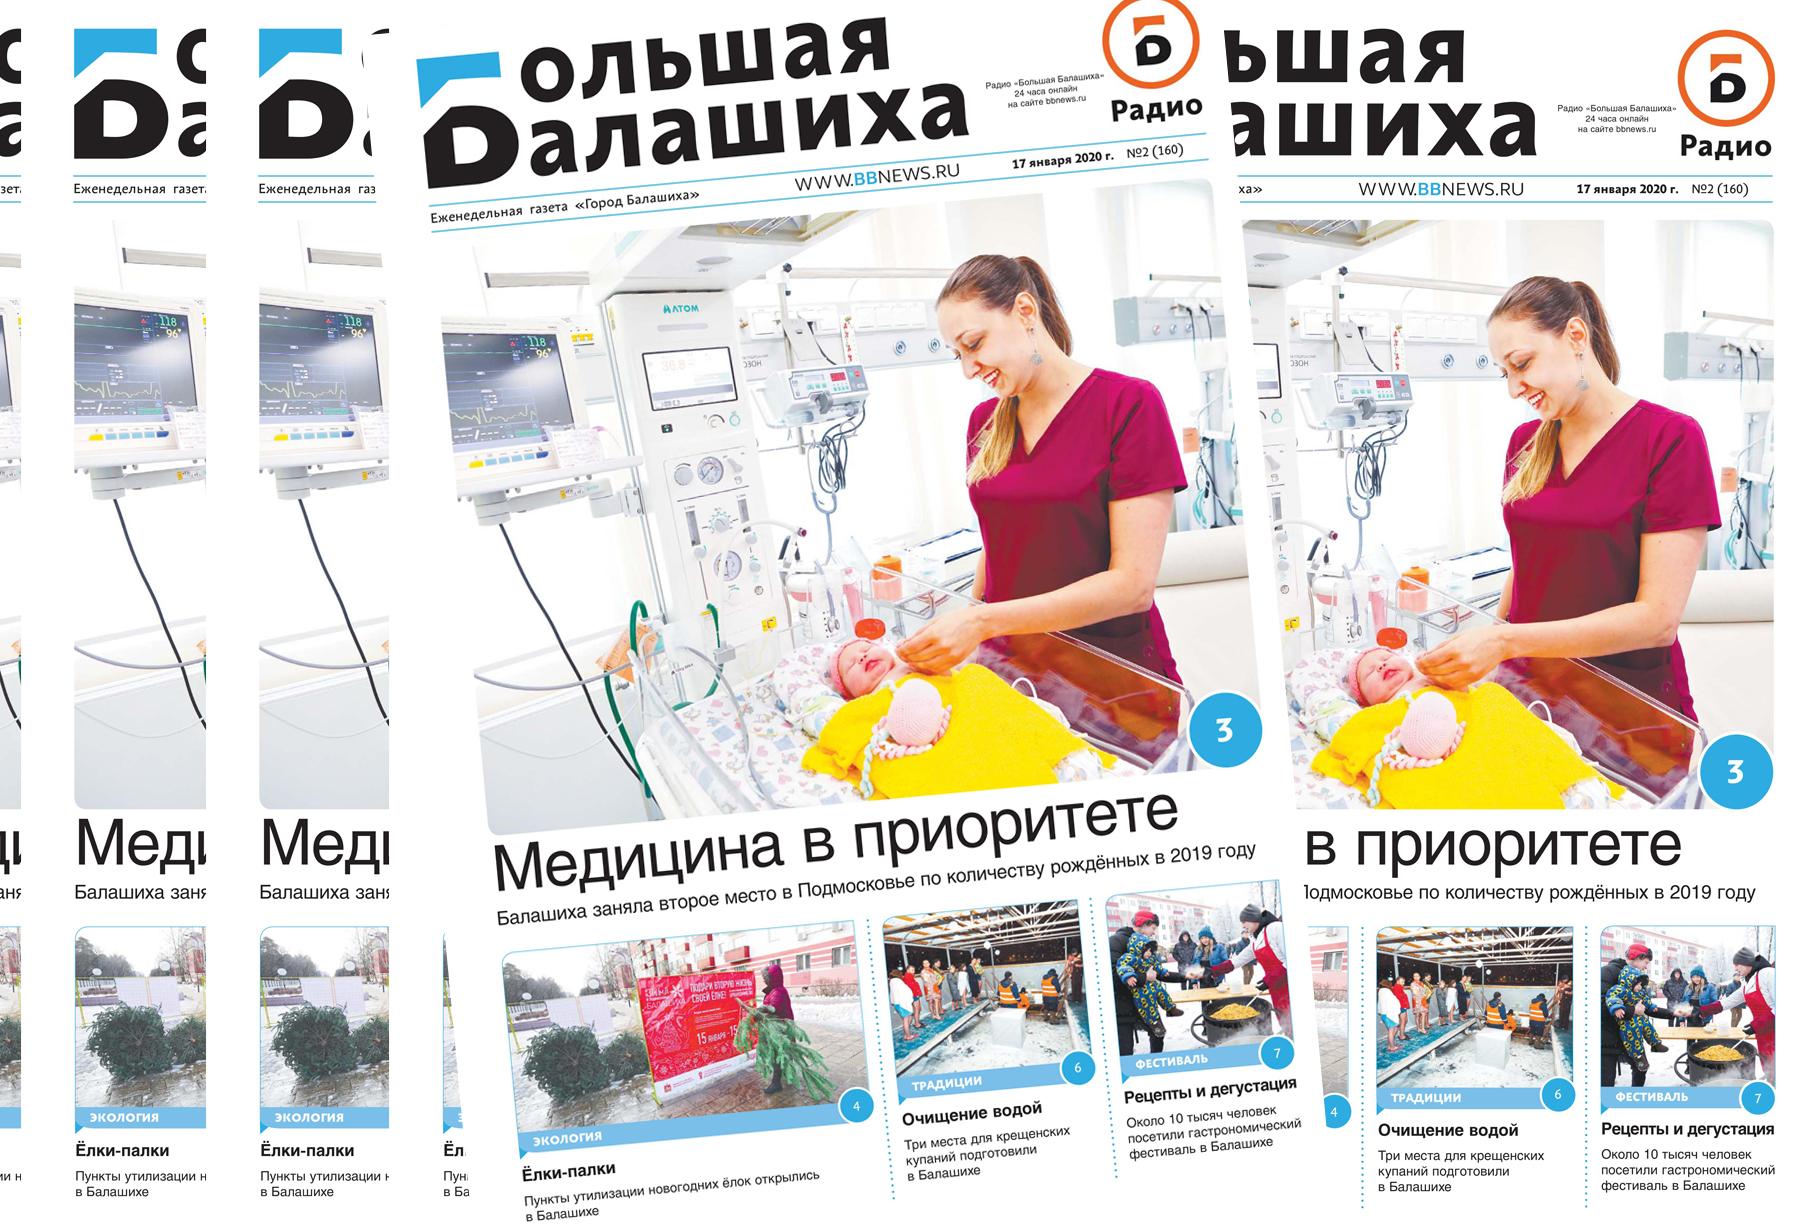 Вышла газета «Город Балашиха» №2 (160)